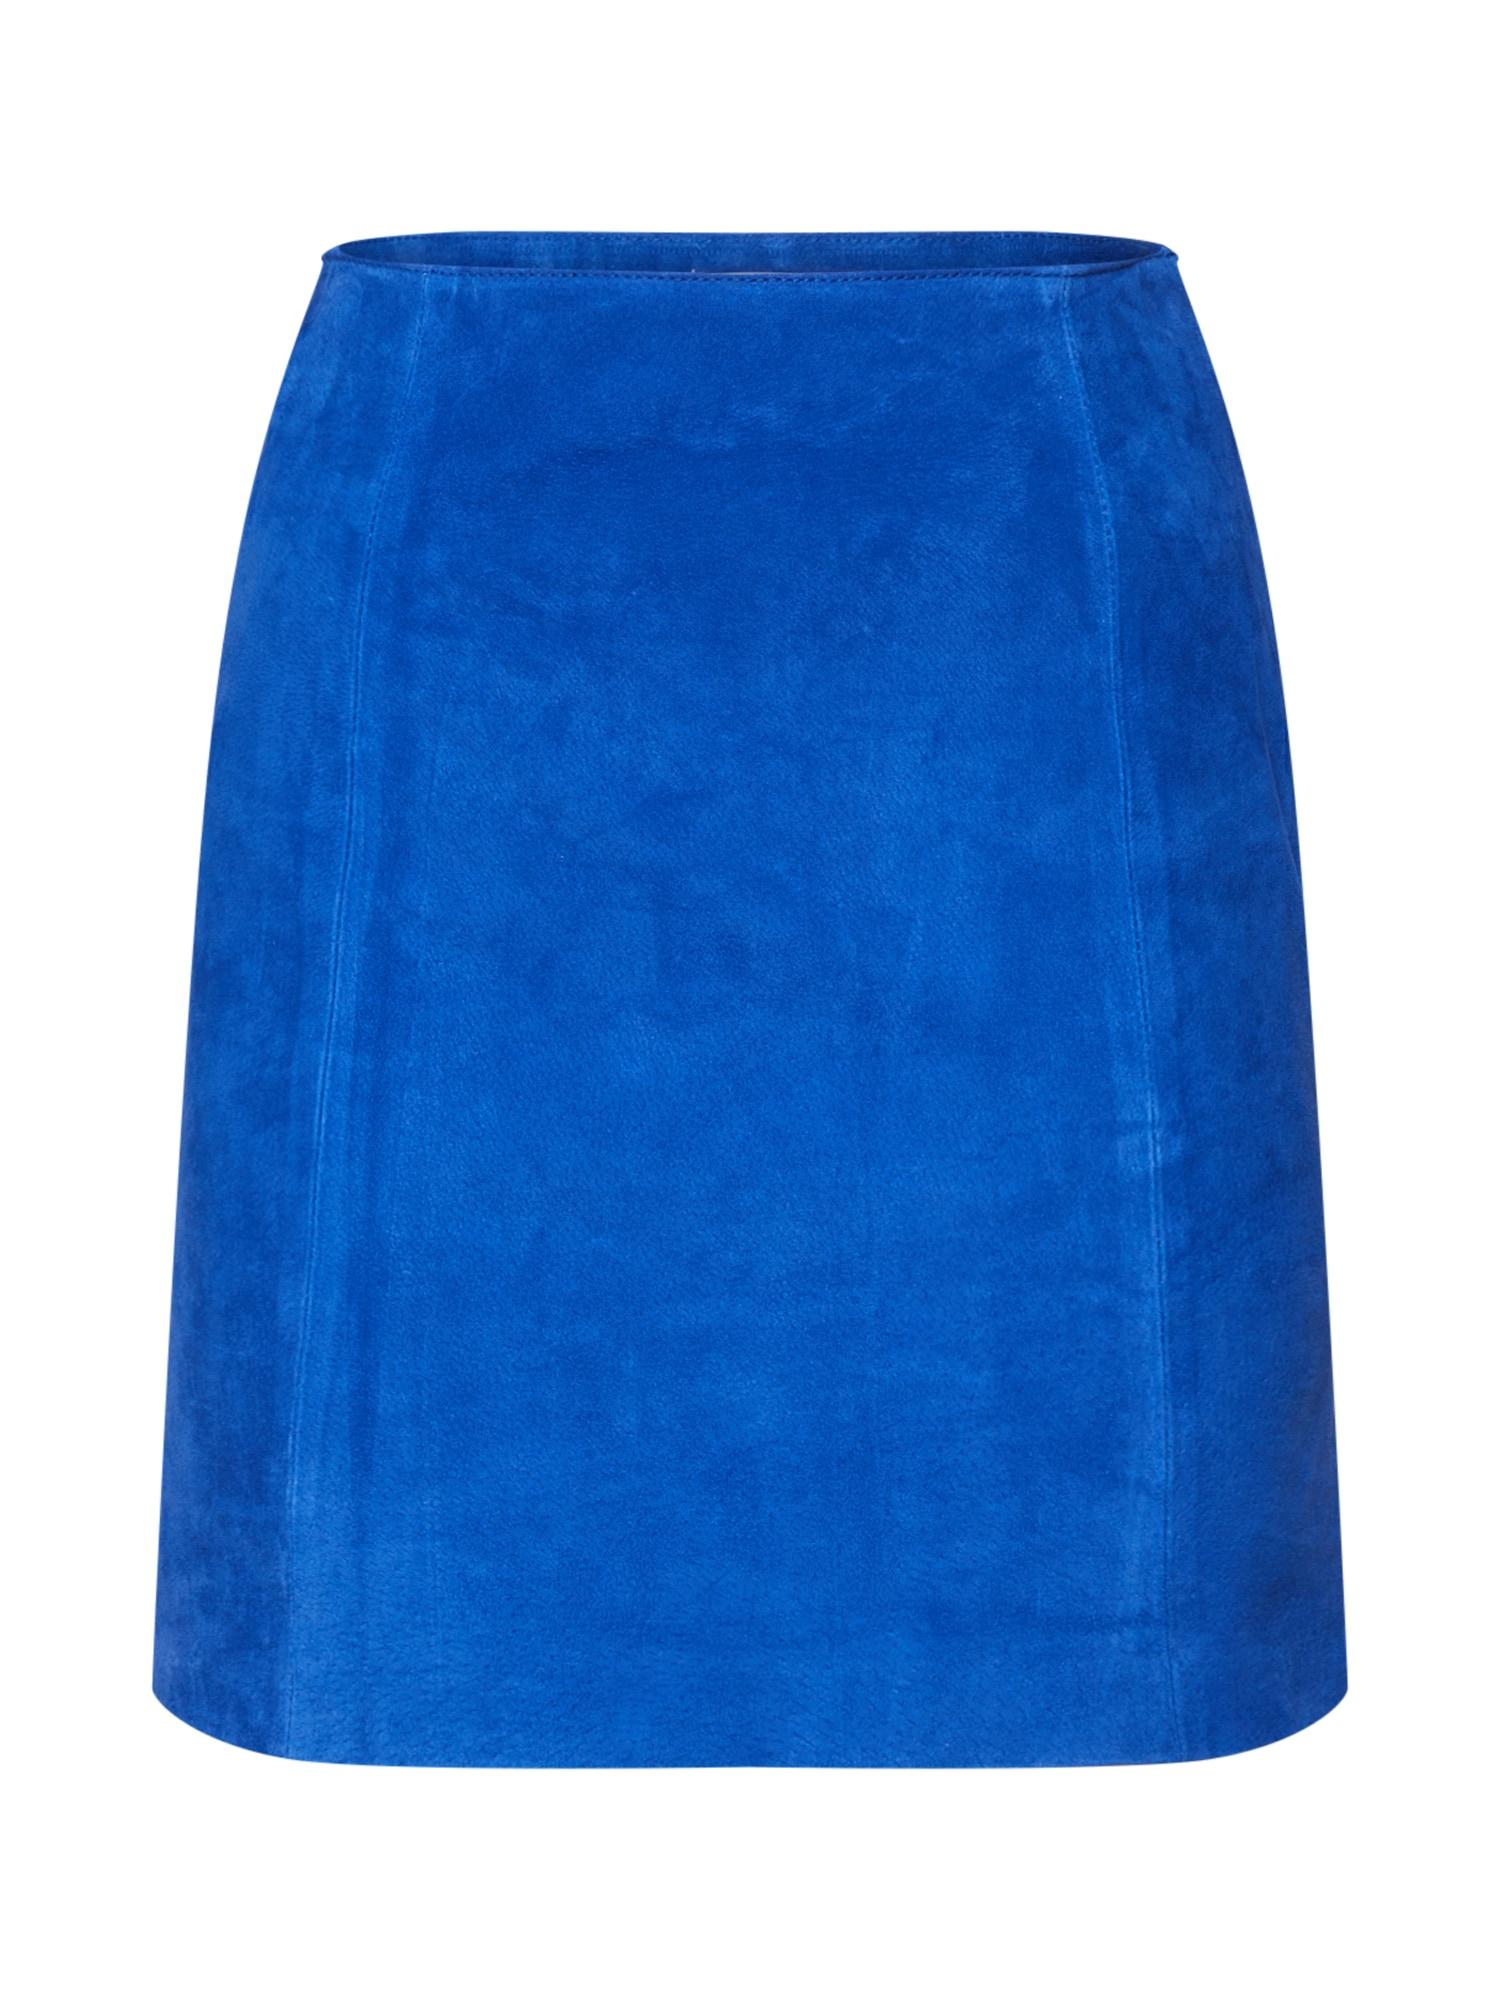 EDITED Sijonas 'Celia' mėlyna